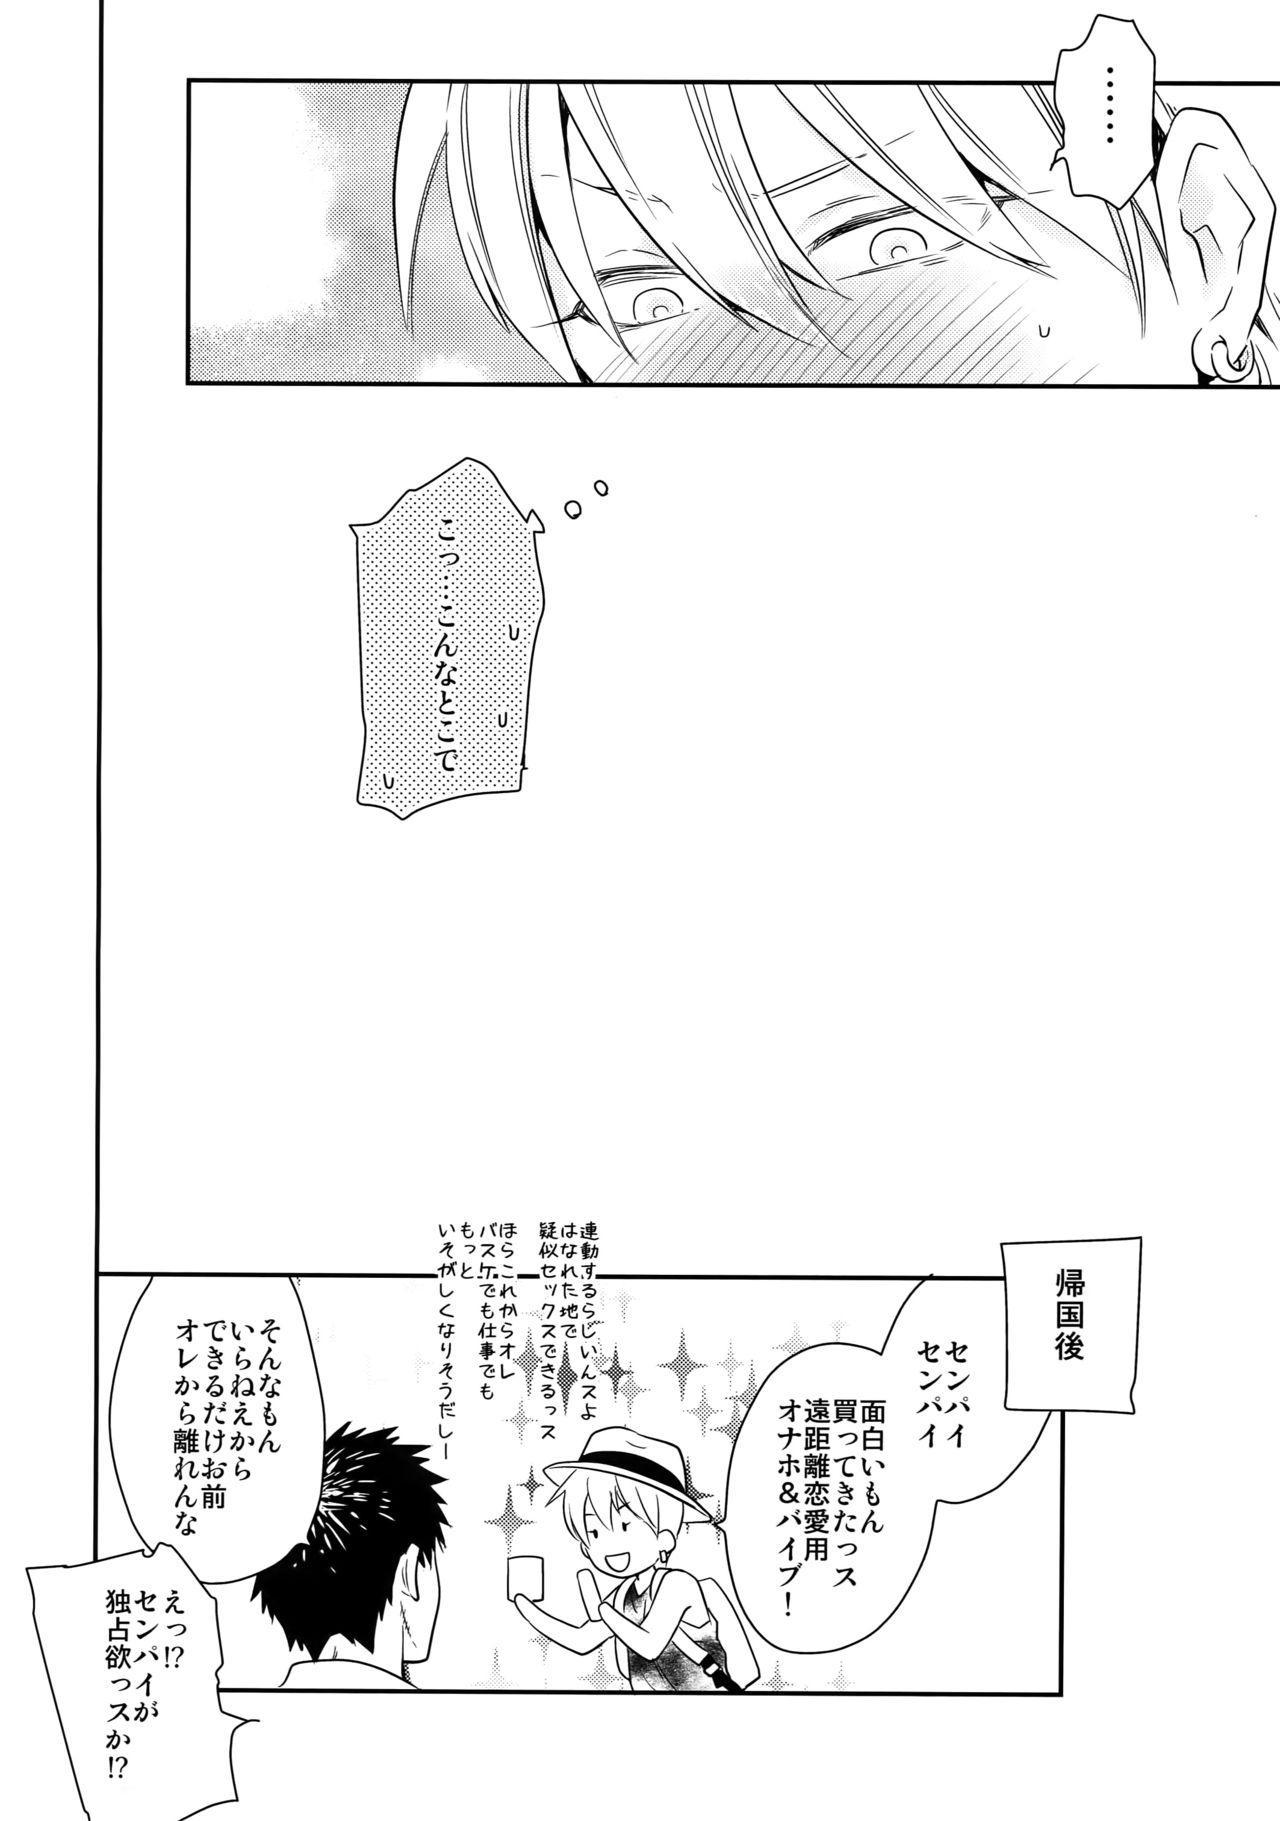 [Bakuchi Jinsei SP (Satsuki Fumi)] Kanpeki Kareshi to Zettai Ryouiki Ouji-sama - Another Version - (Kuroko no Basket) 120